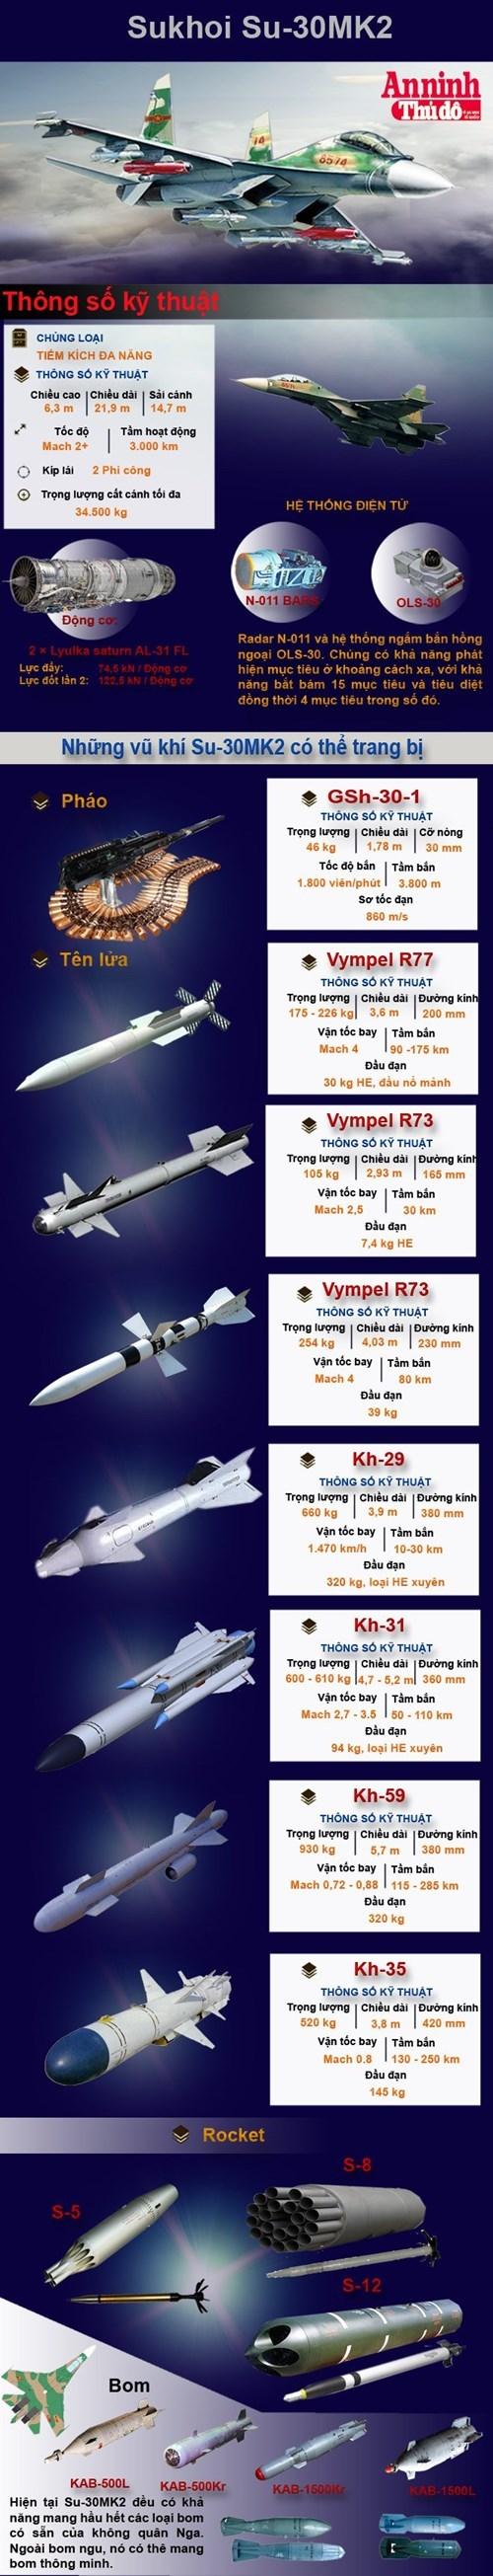 Su-30MK2, máy bay tiêm kích, kho vũ khí